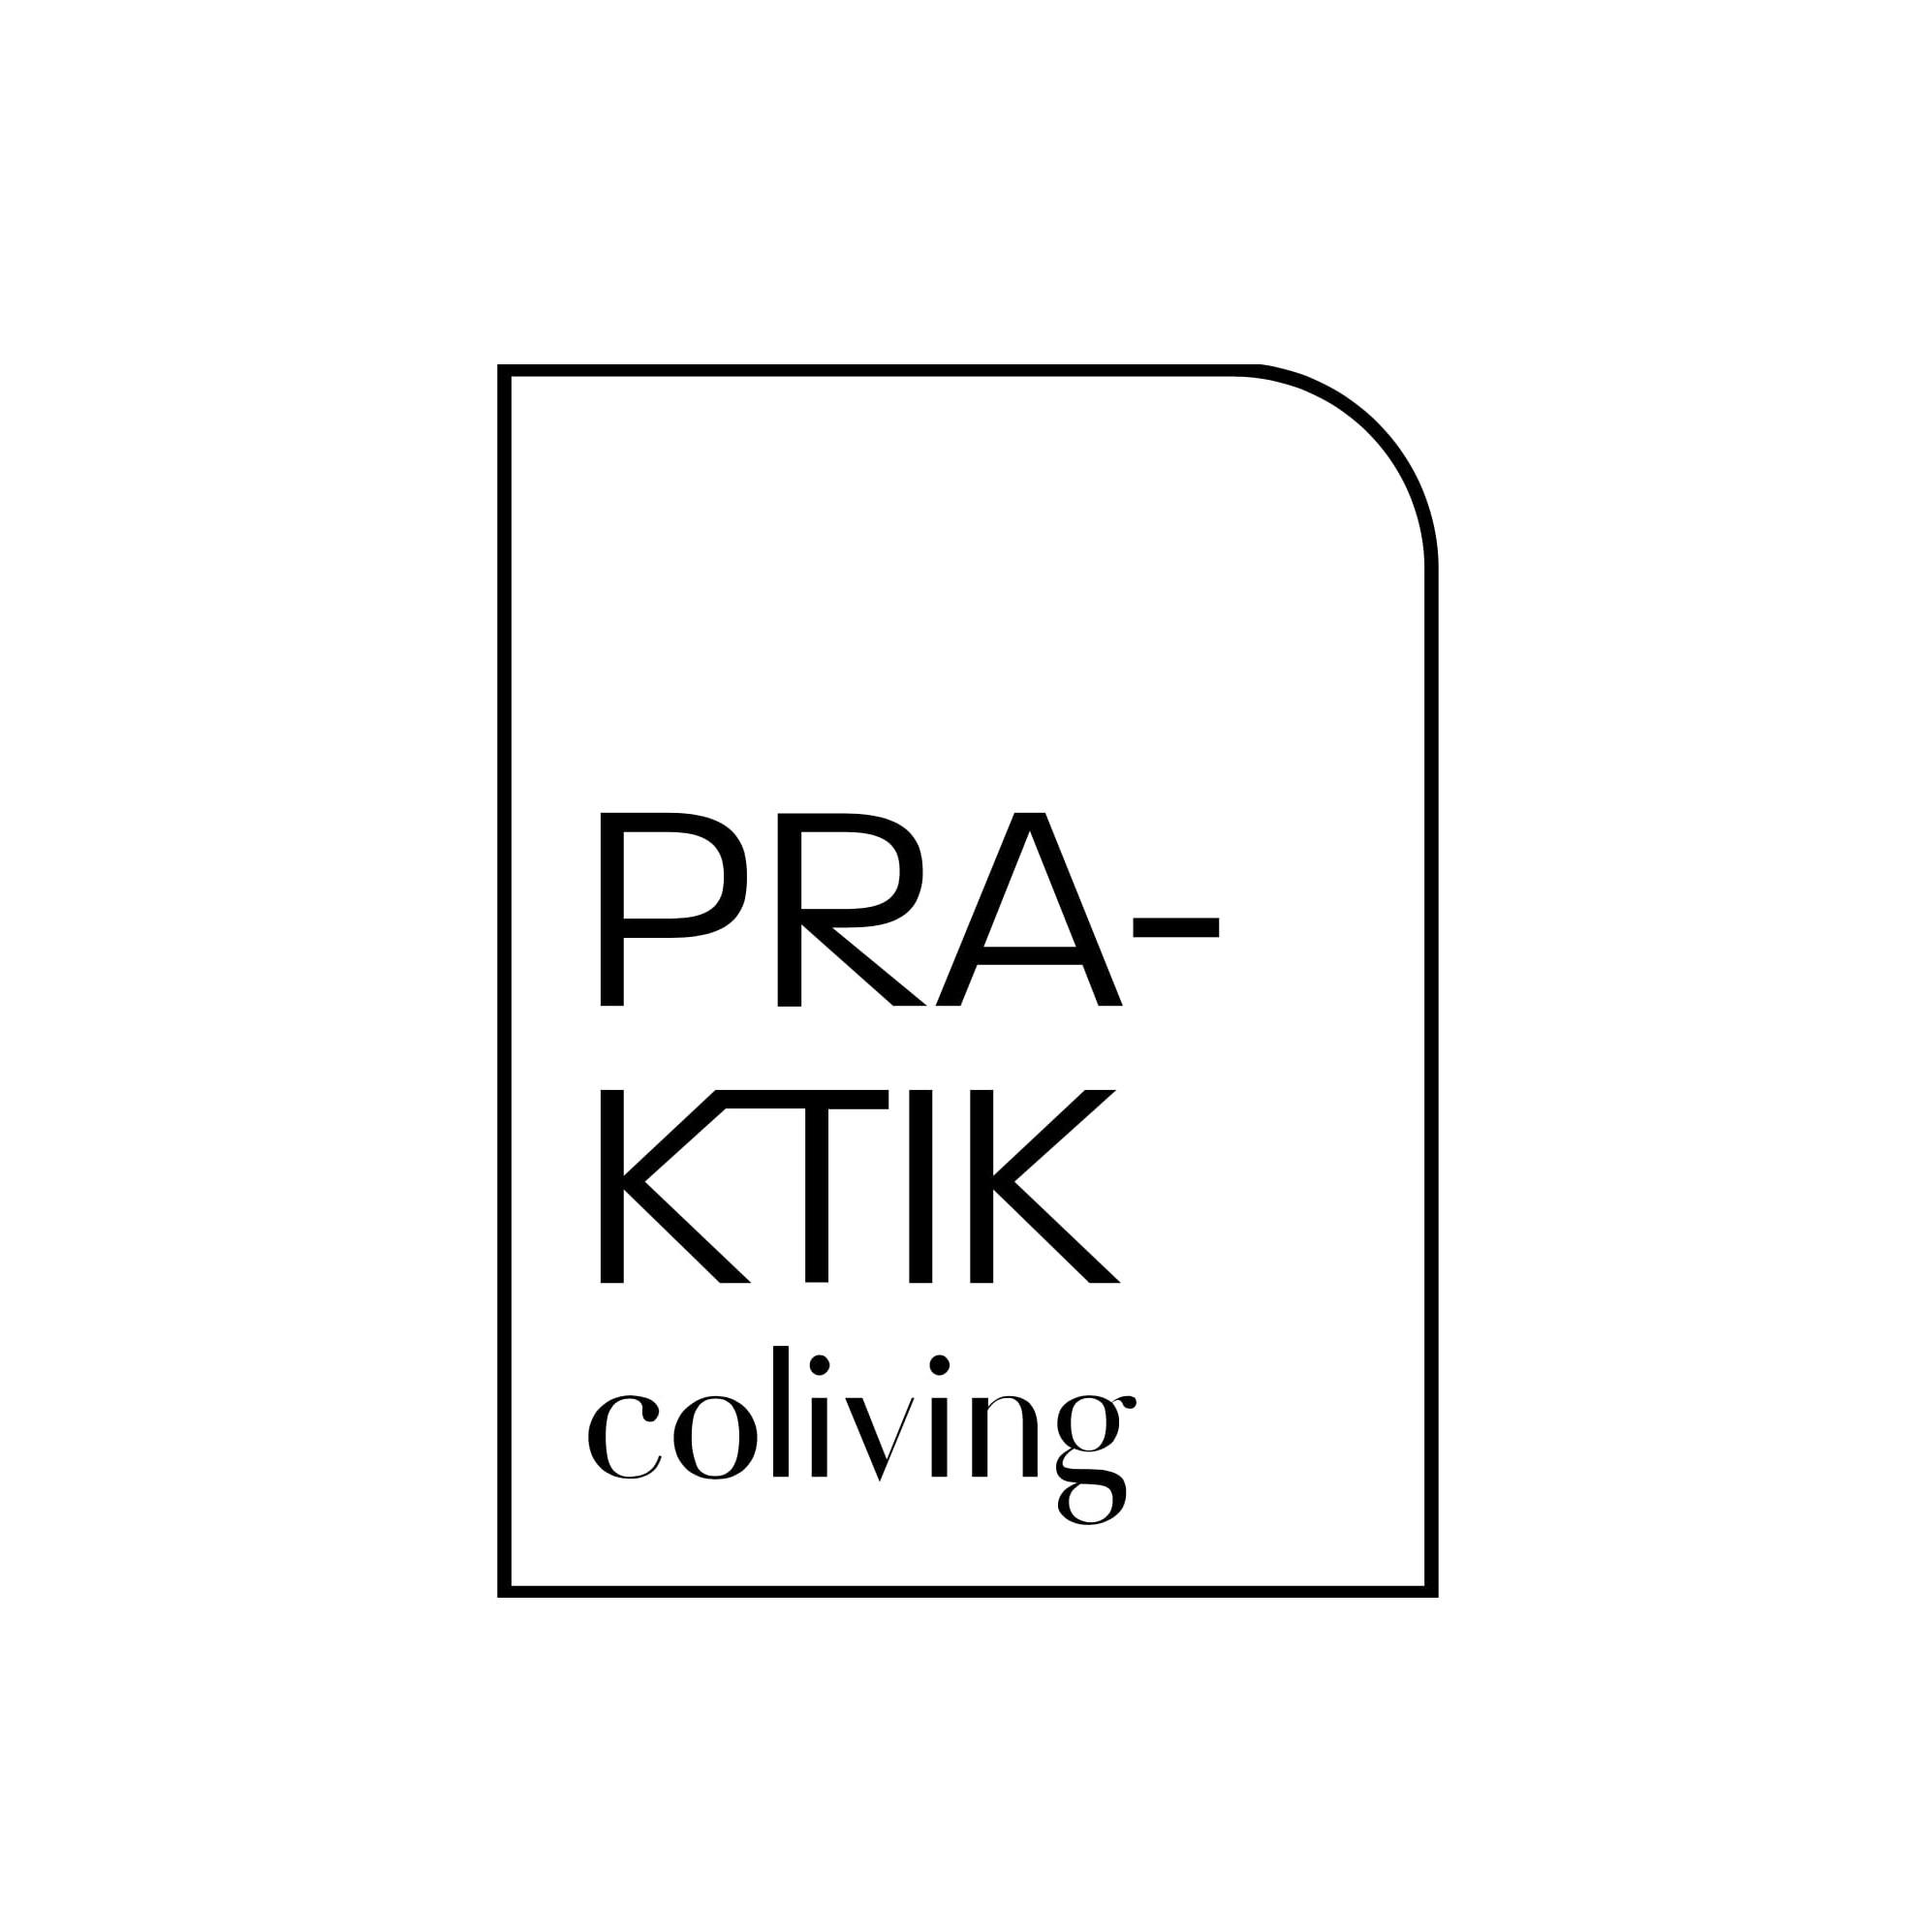 Praktik Coliving